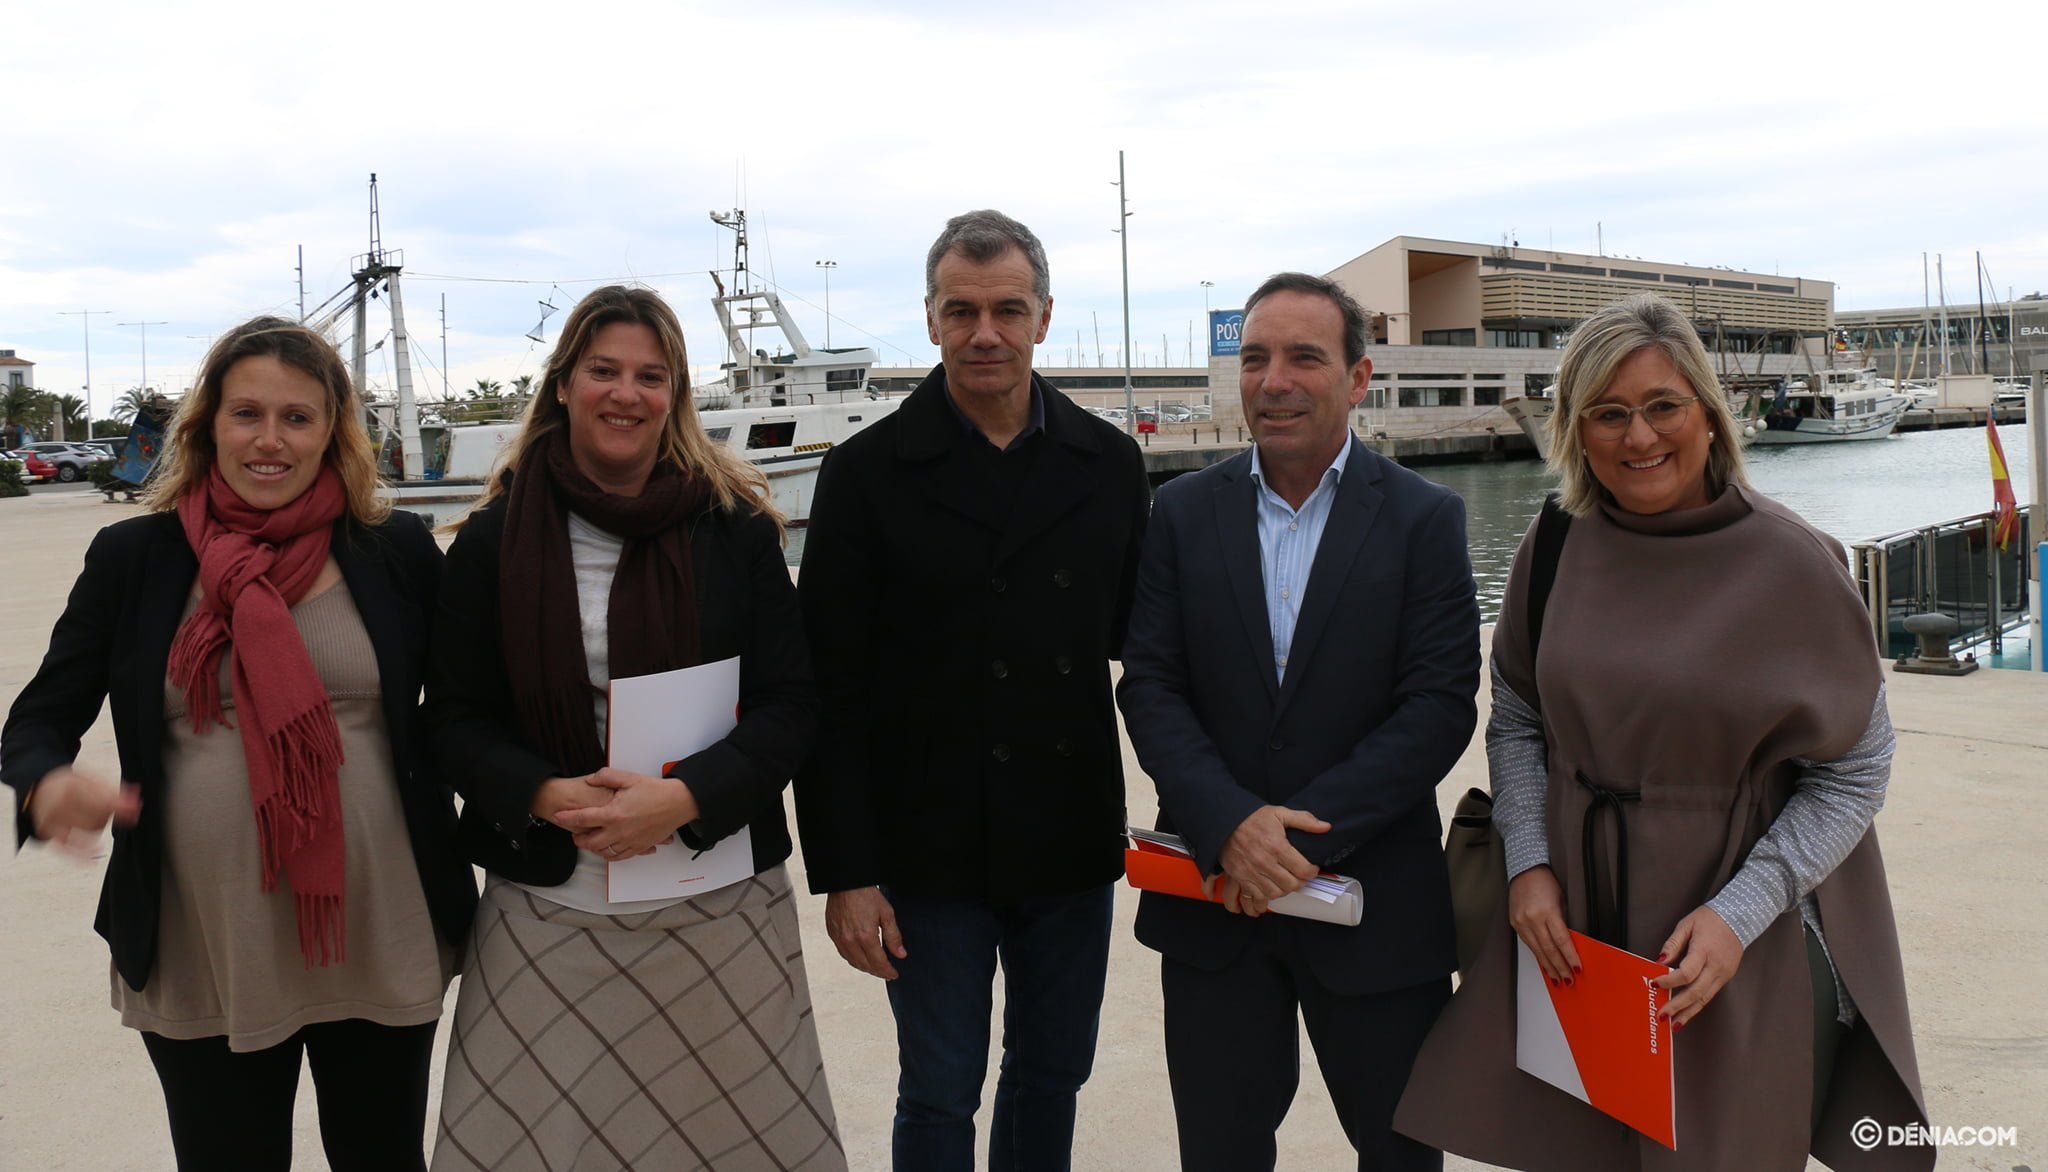 Representants de Ciutadans al port de Dénia